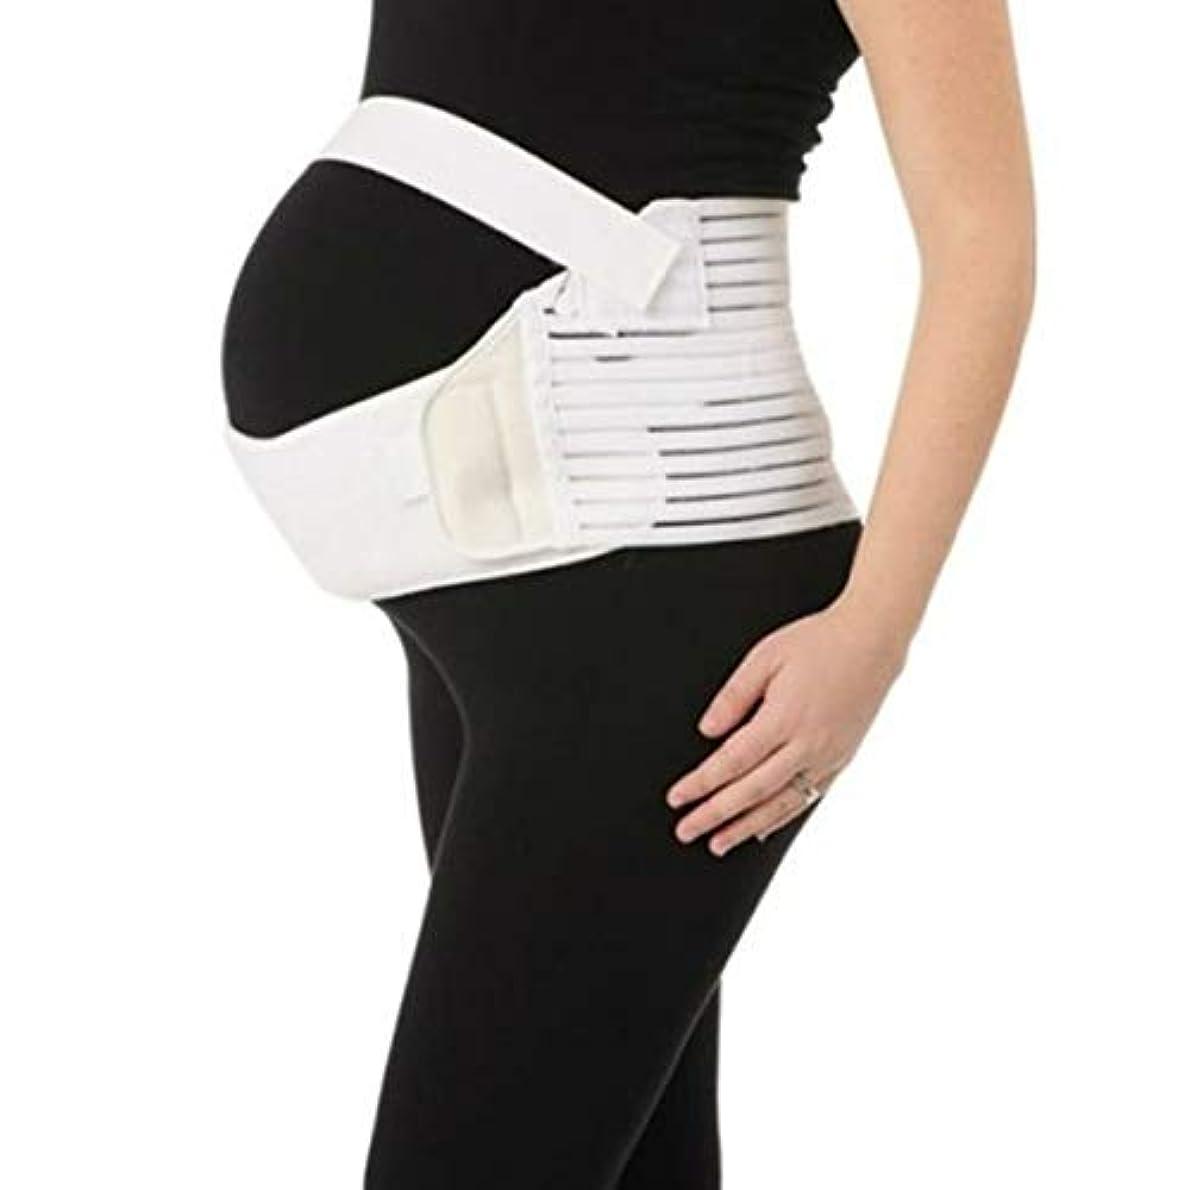 歴史的シンク上記の頭と肩通気性マタニティベルト妊娠腹部サポート腹部バインダーガードル運動包帯産後回復形状ウェア - ホワイトXL